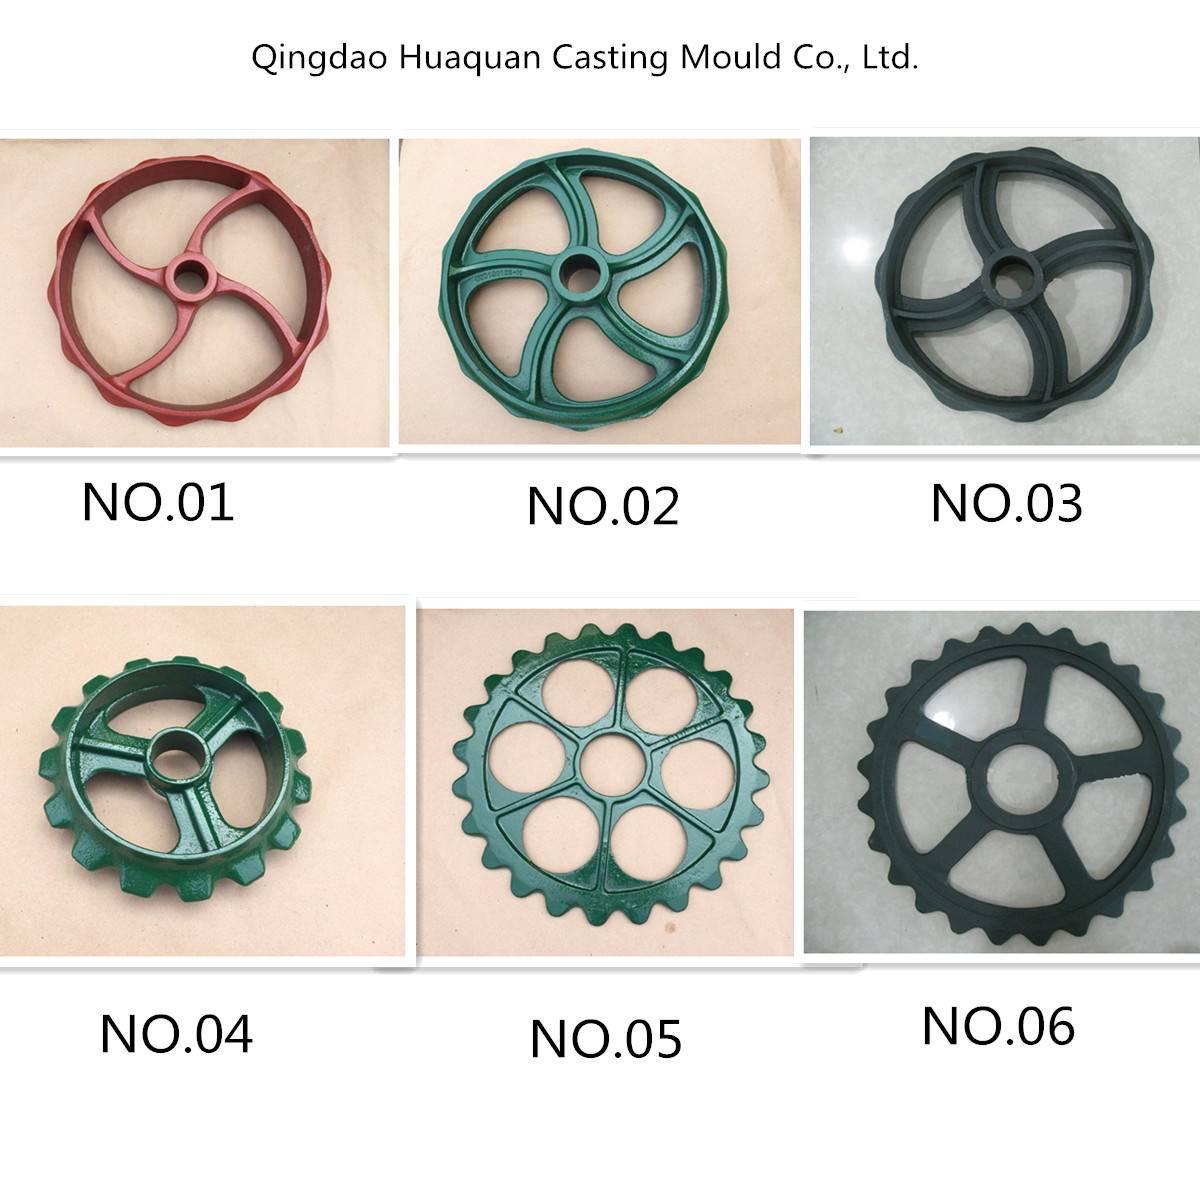 Cambridge Roll Ring/Crosskill Ring/Packer Ring